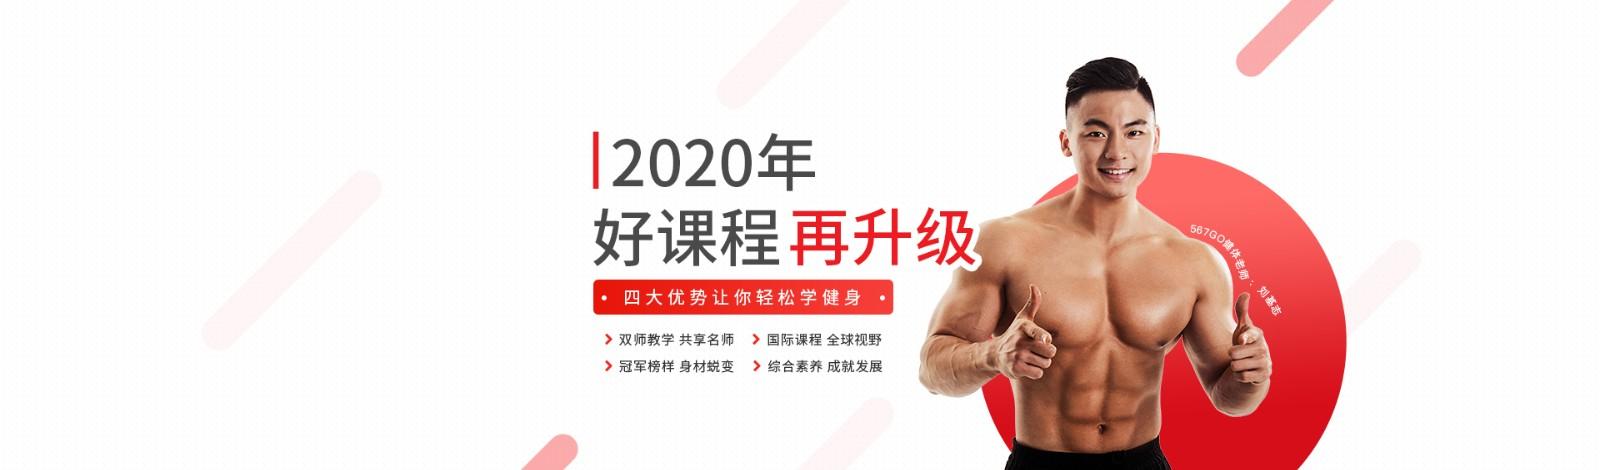 南京567GO健身学院 横幅广告